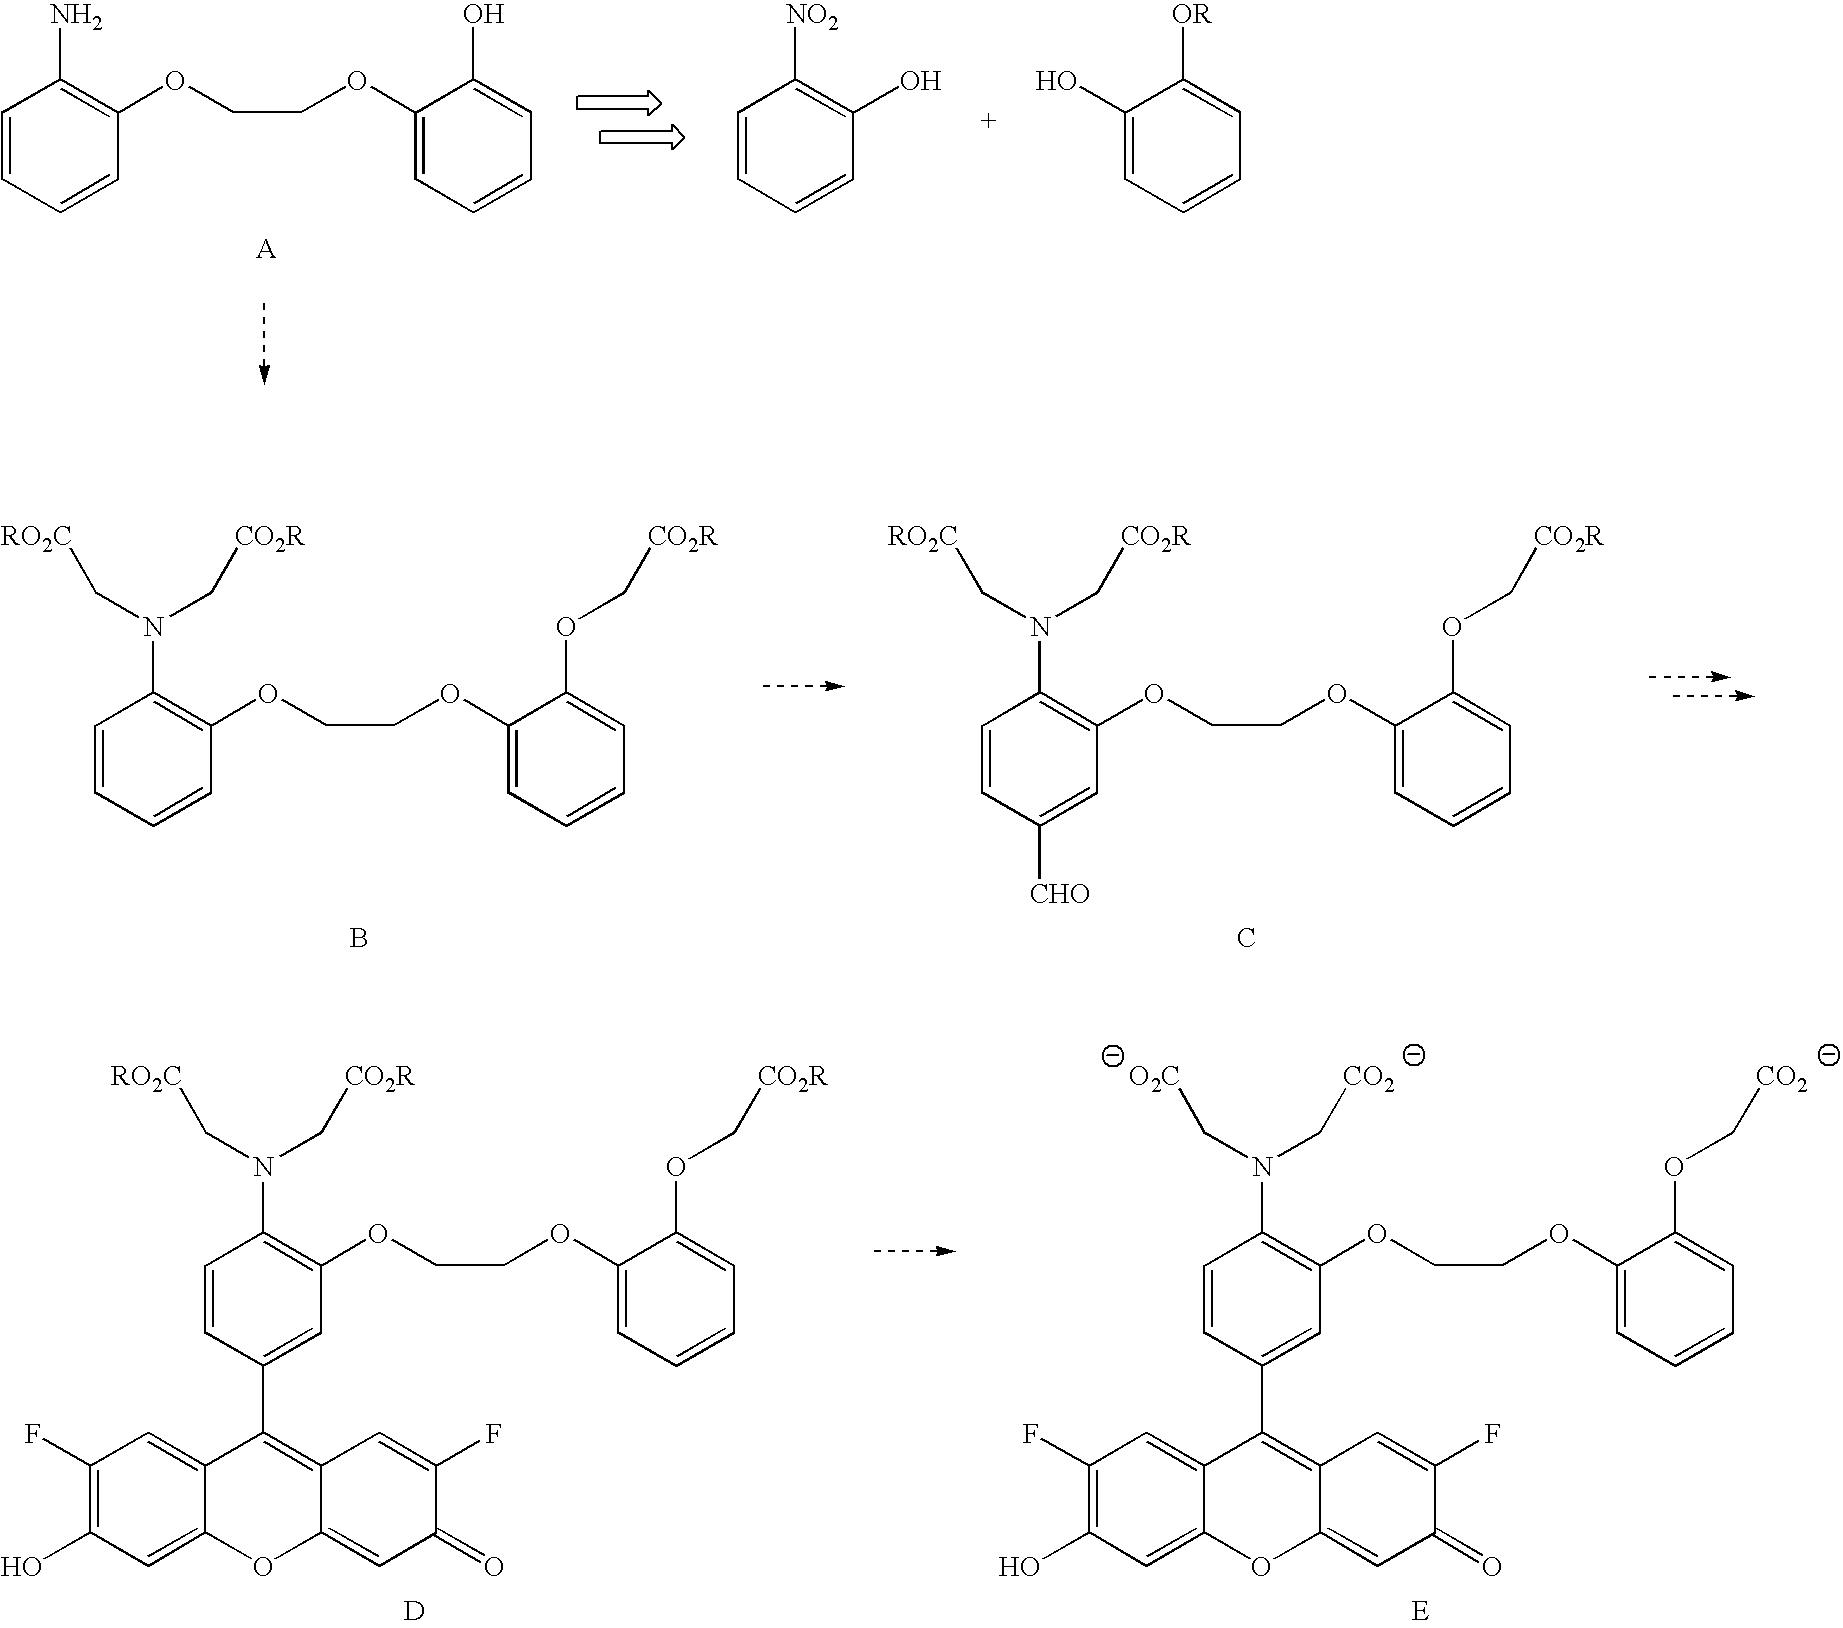 Figure US20070161112A1-20070712-C00005